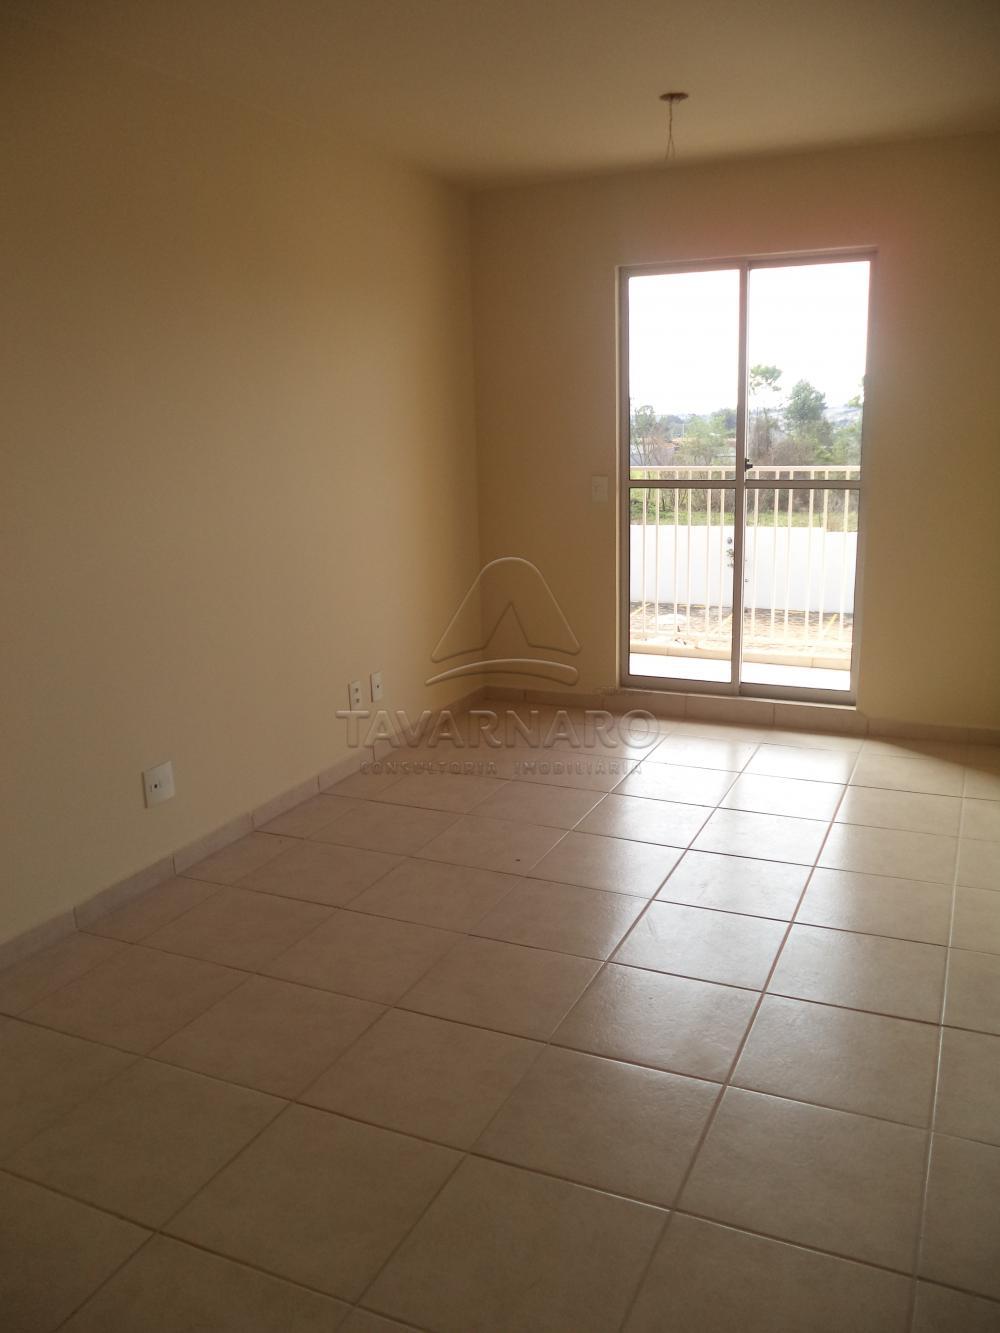 Alugar Apartamento / Padrão em Ponta Grossa R$ 570,00 - Foto 2